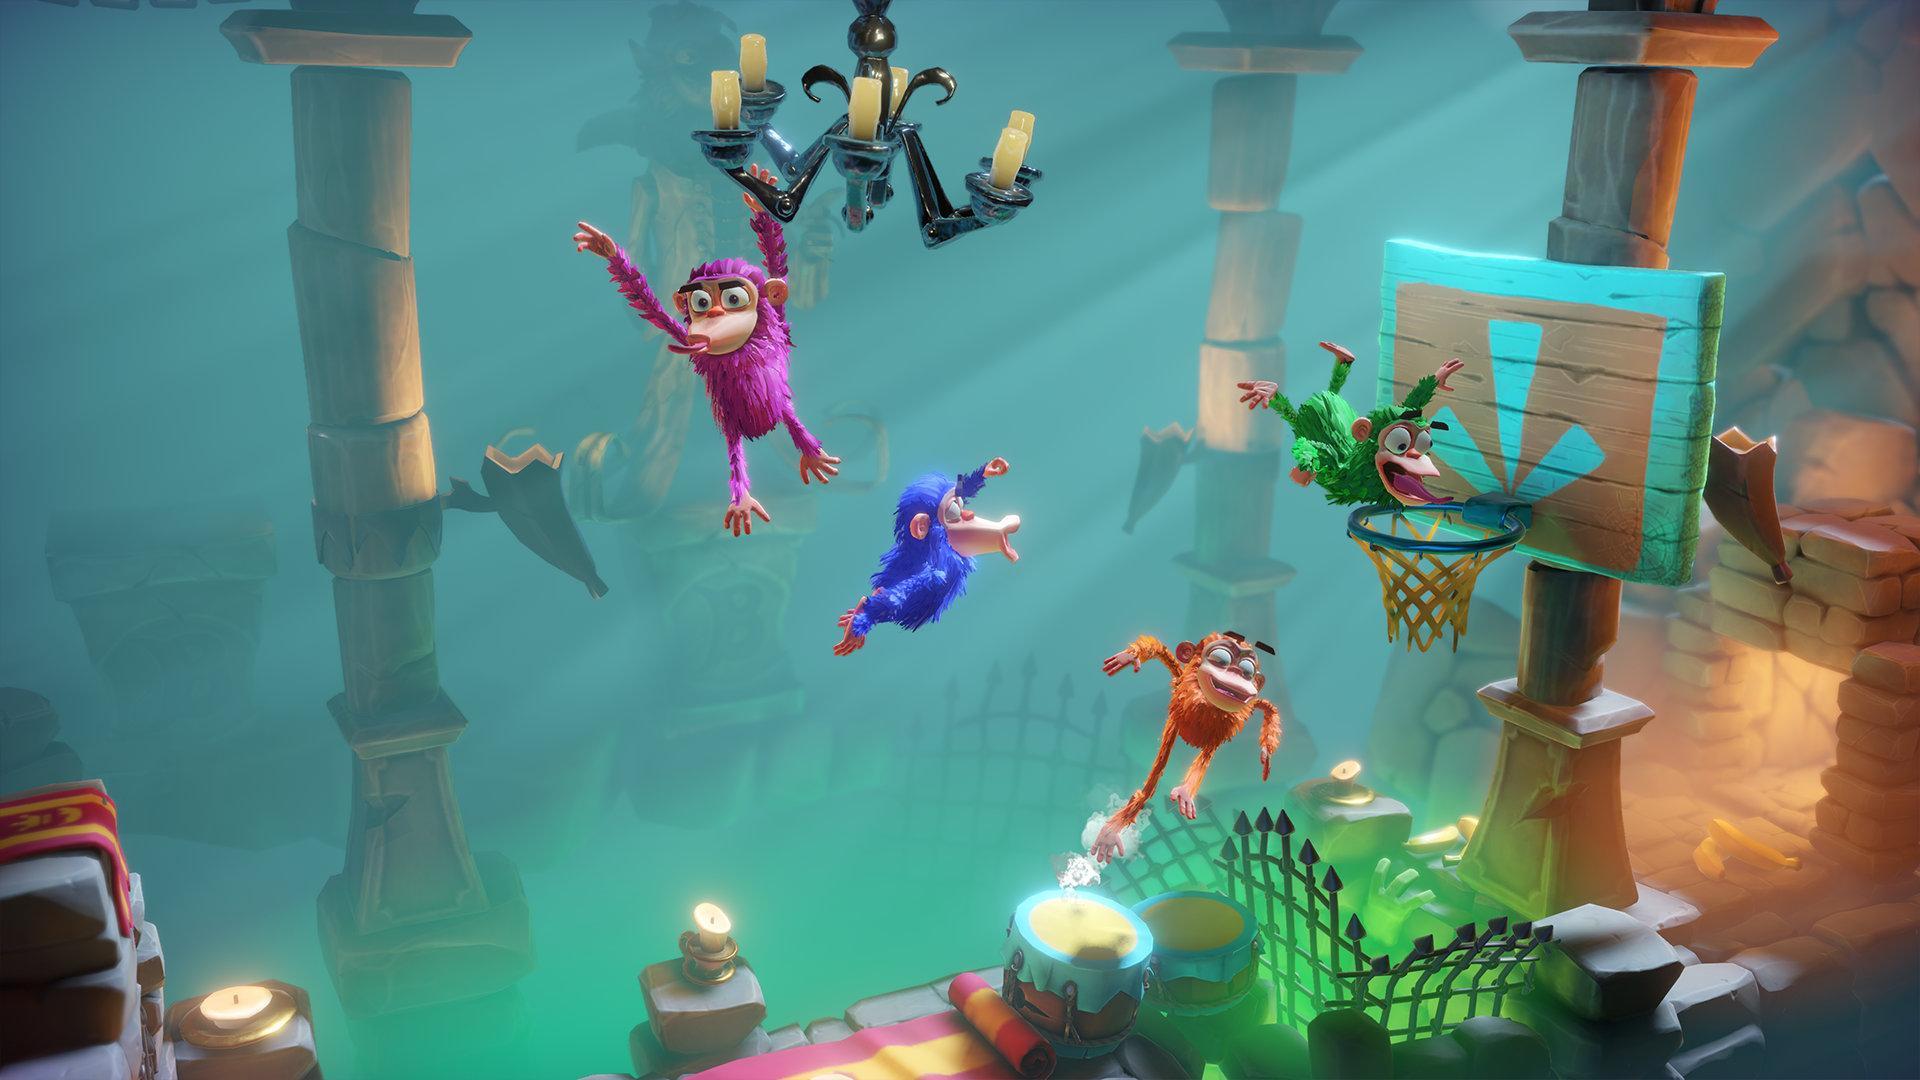 I nuovi giochi Playlink su Playstation 4 rendono il Natale il party-game day definitivo